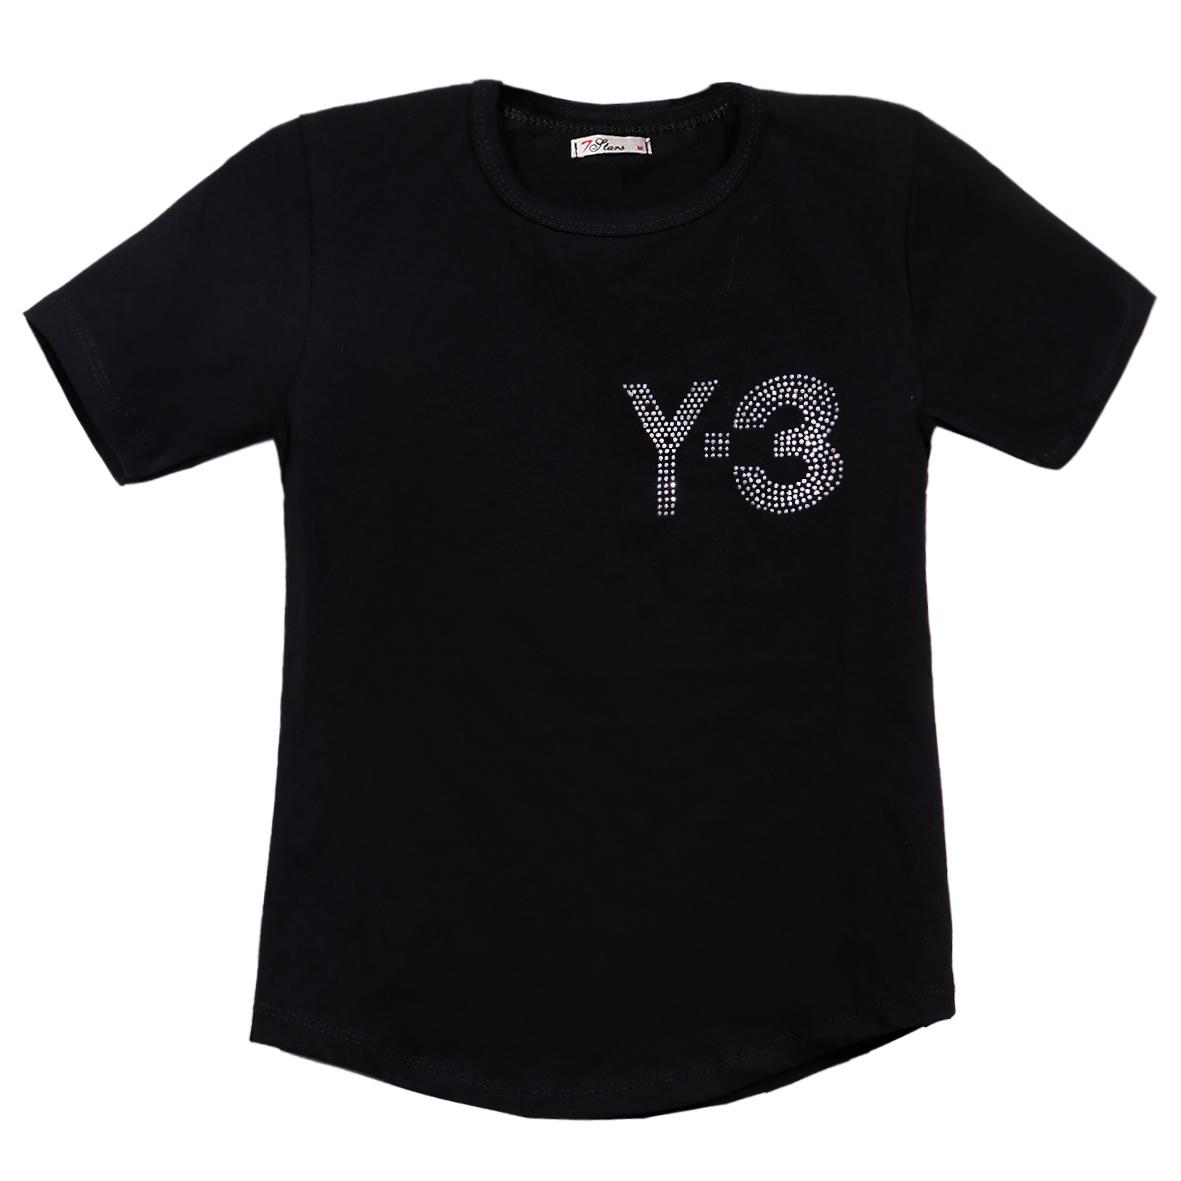 تی شرت پسرانه مدل Pes-106